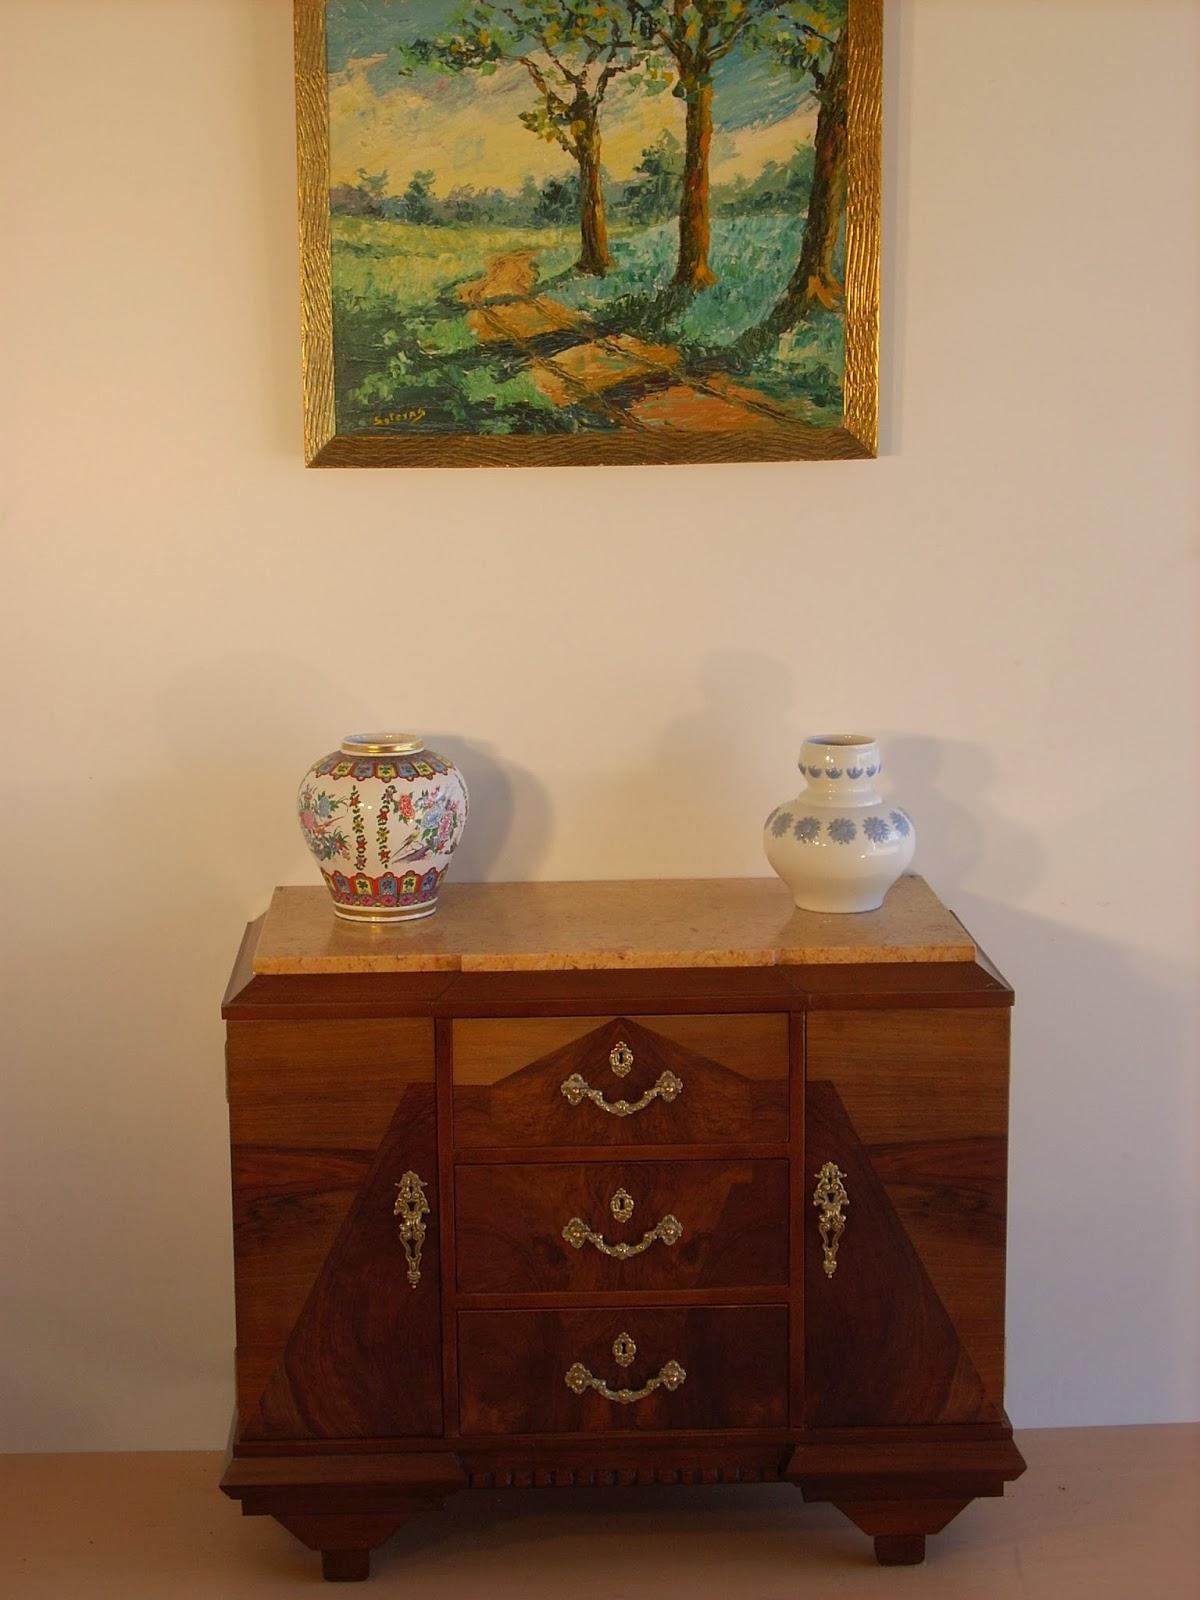 Venta De Muebles Restaurados : Venta de muebles antiguos restaurados naturmoble